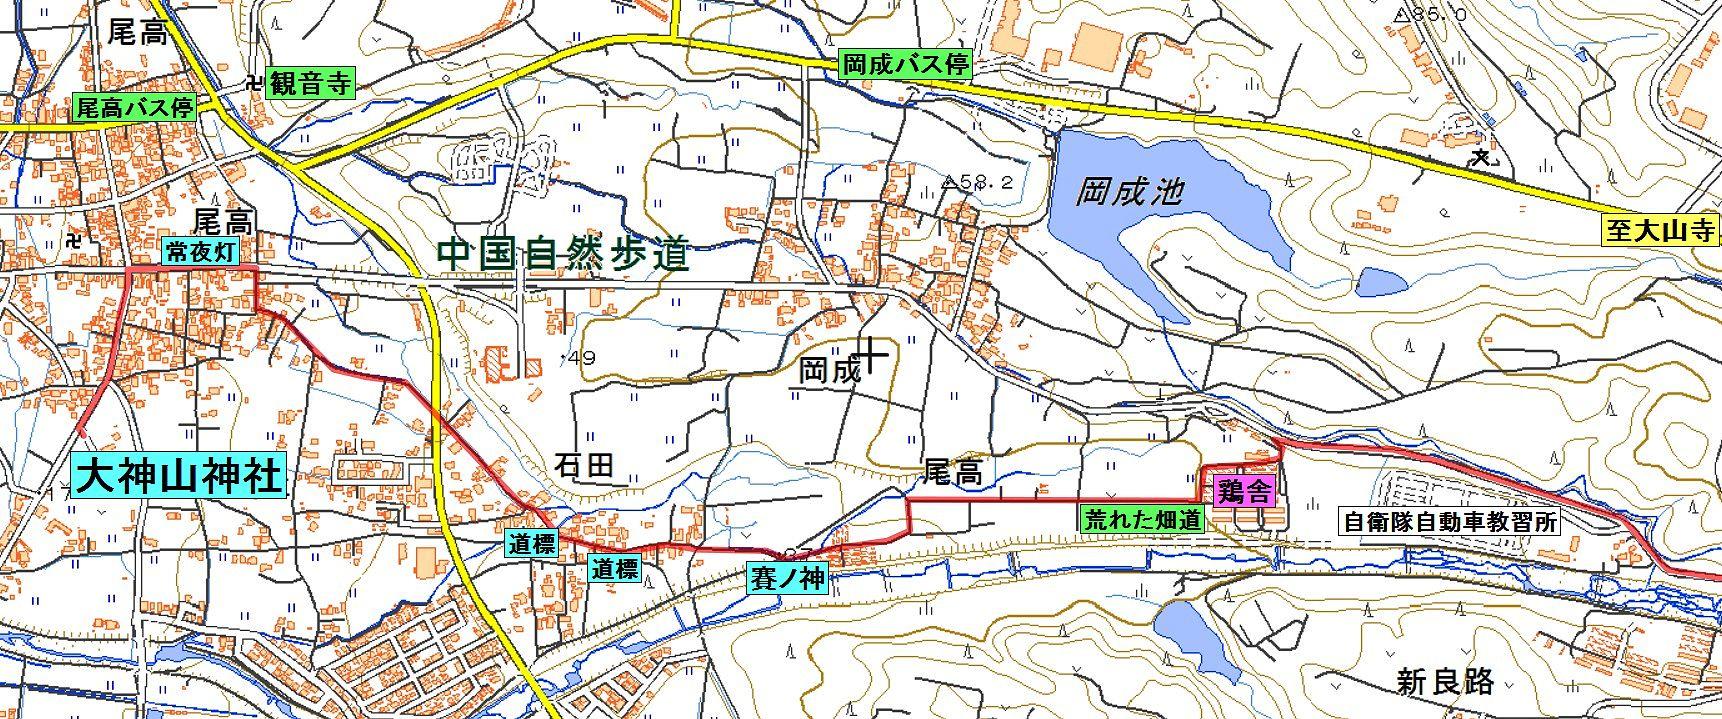 大山道を歩く(尾高道)_b0156456_18171469.jpg